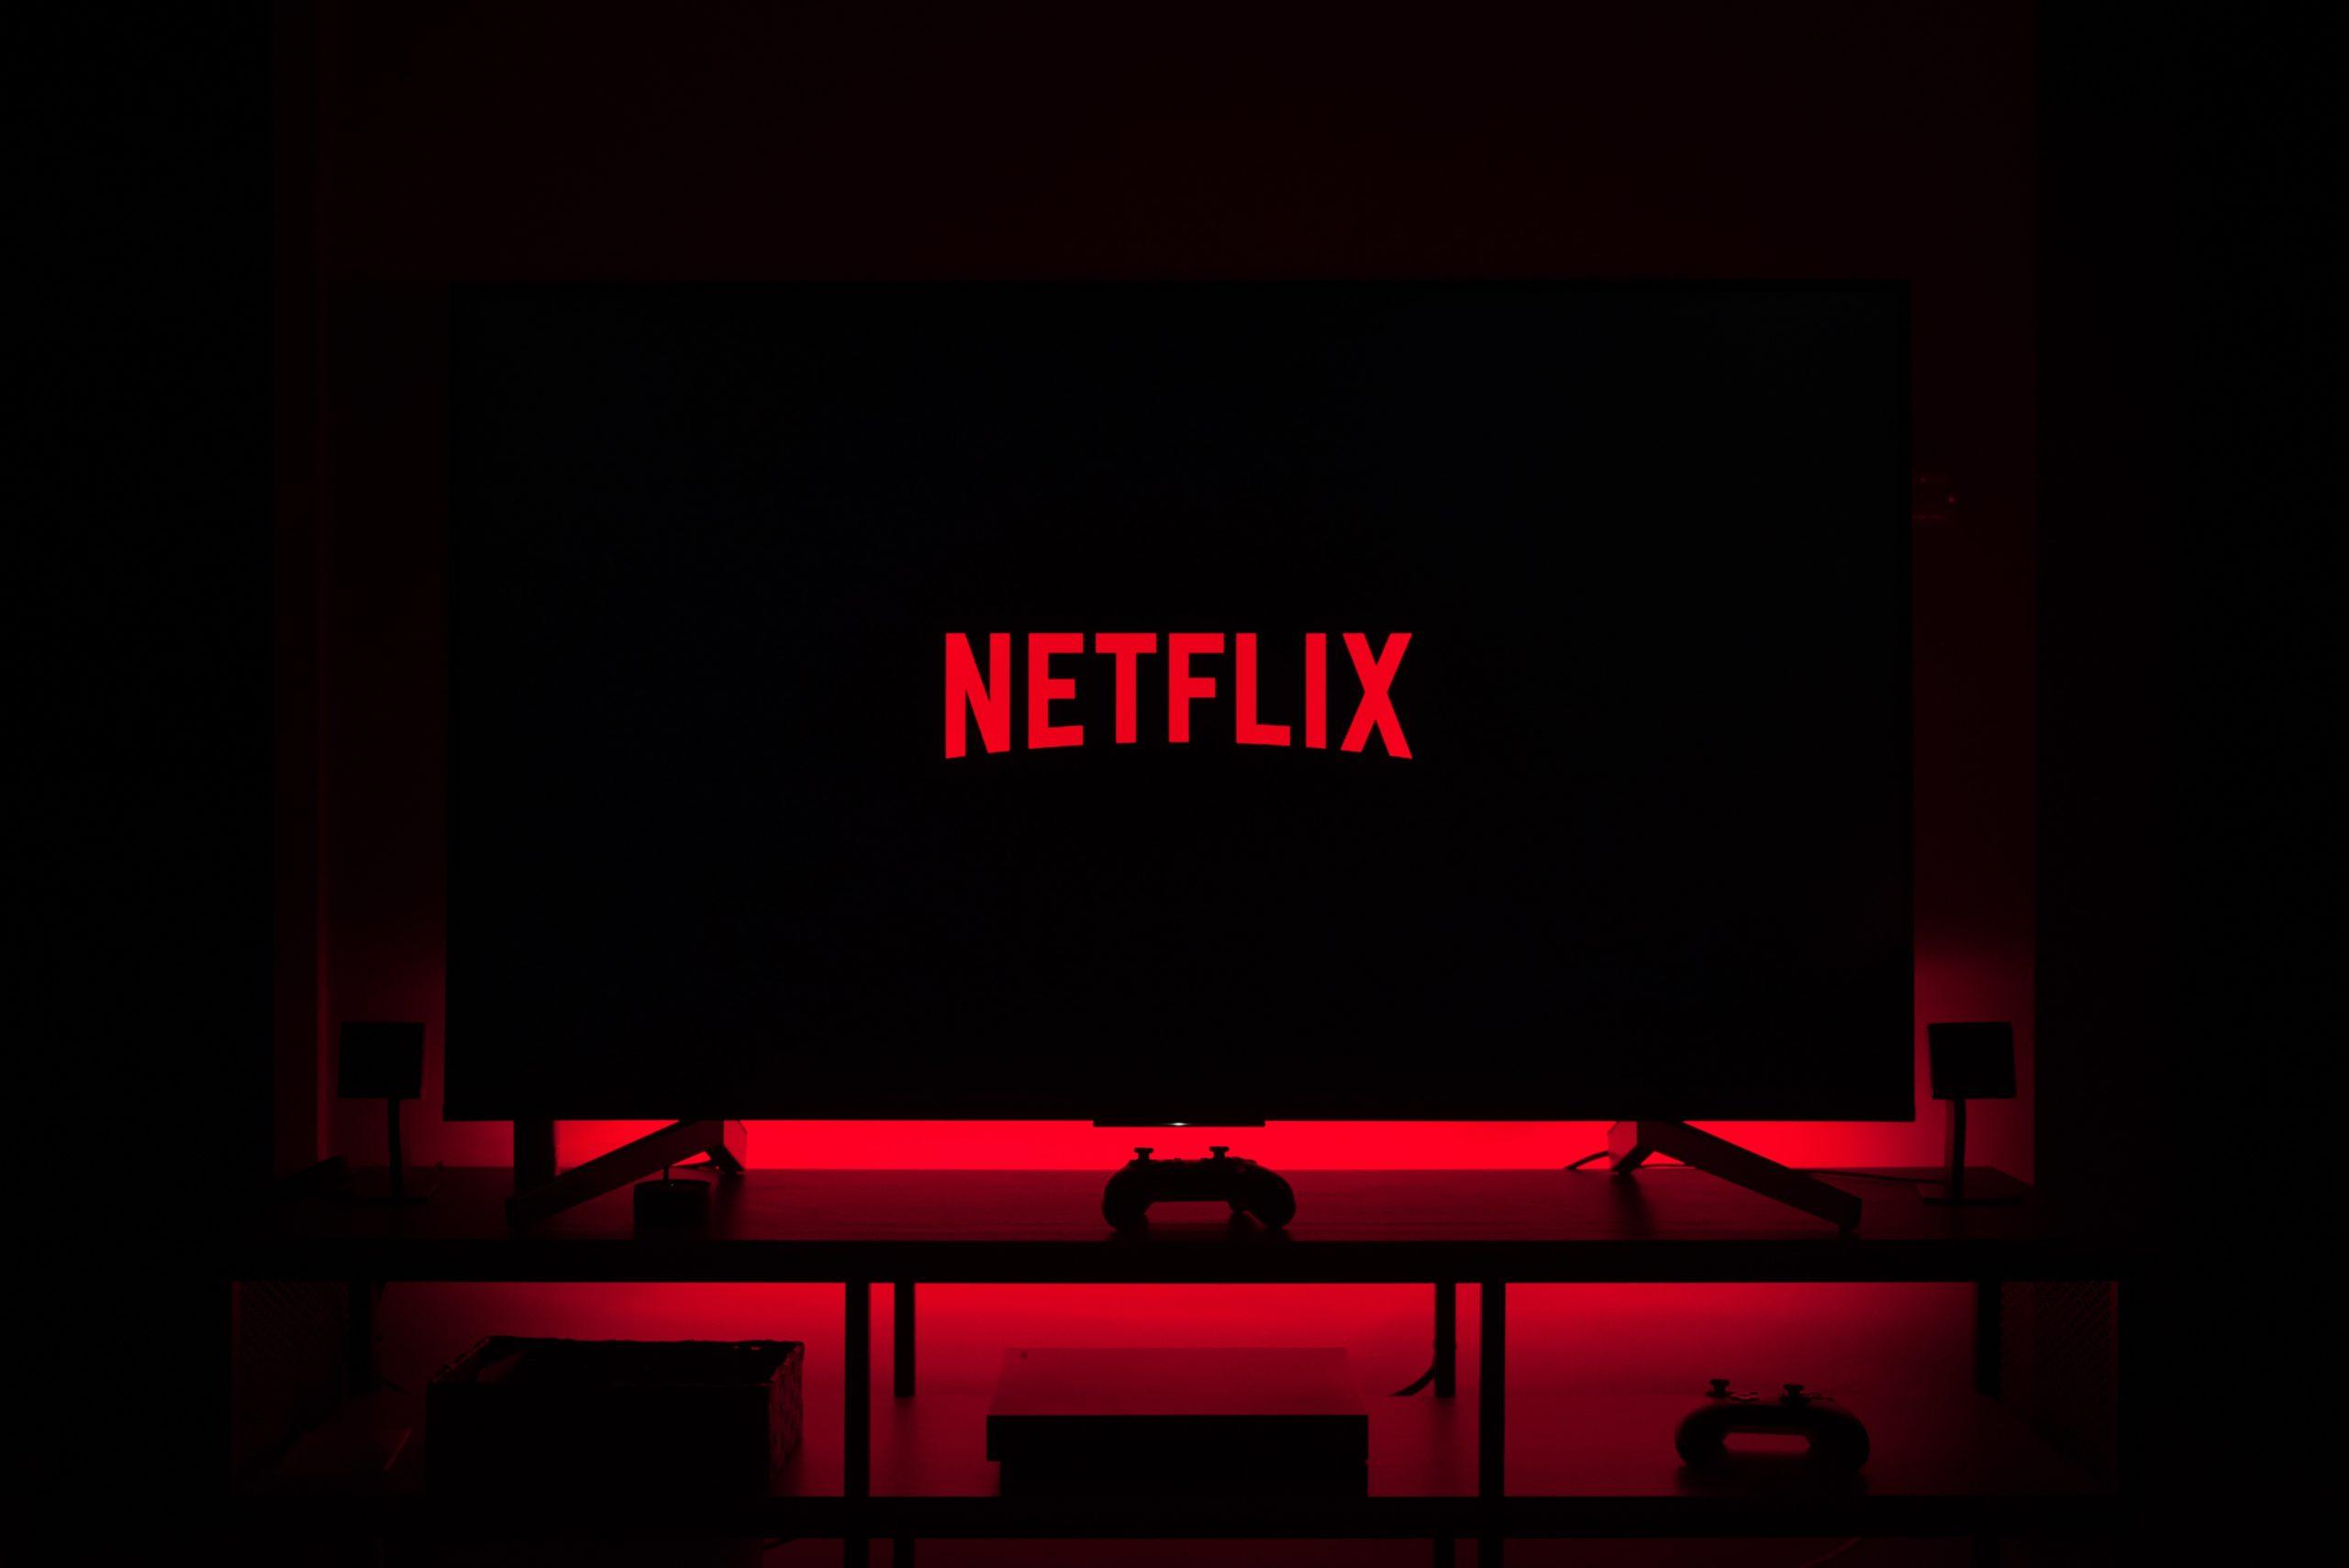 Šta gledati: Ovo je top 10 filmova koje možete pronaći na Netflixu